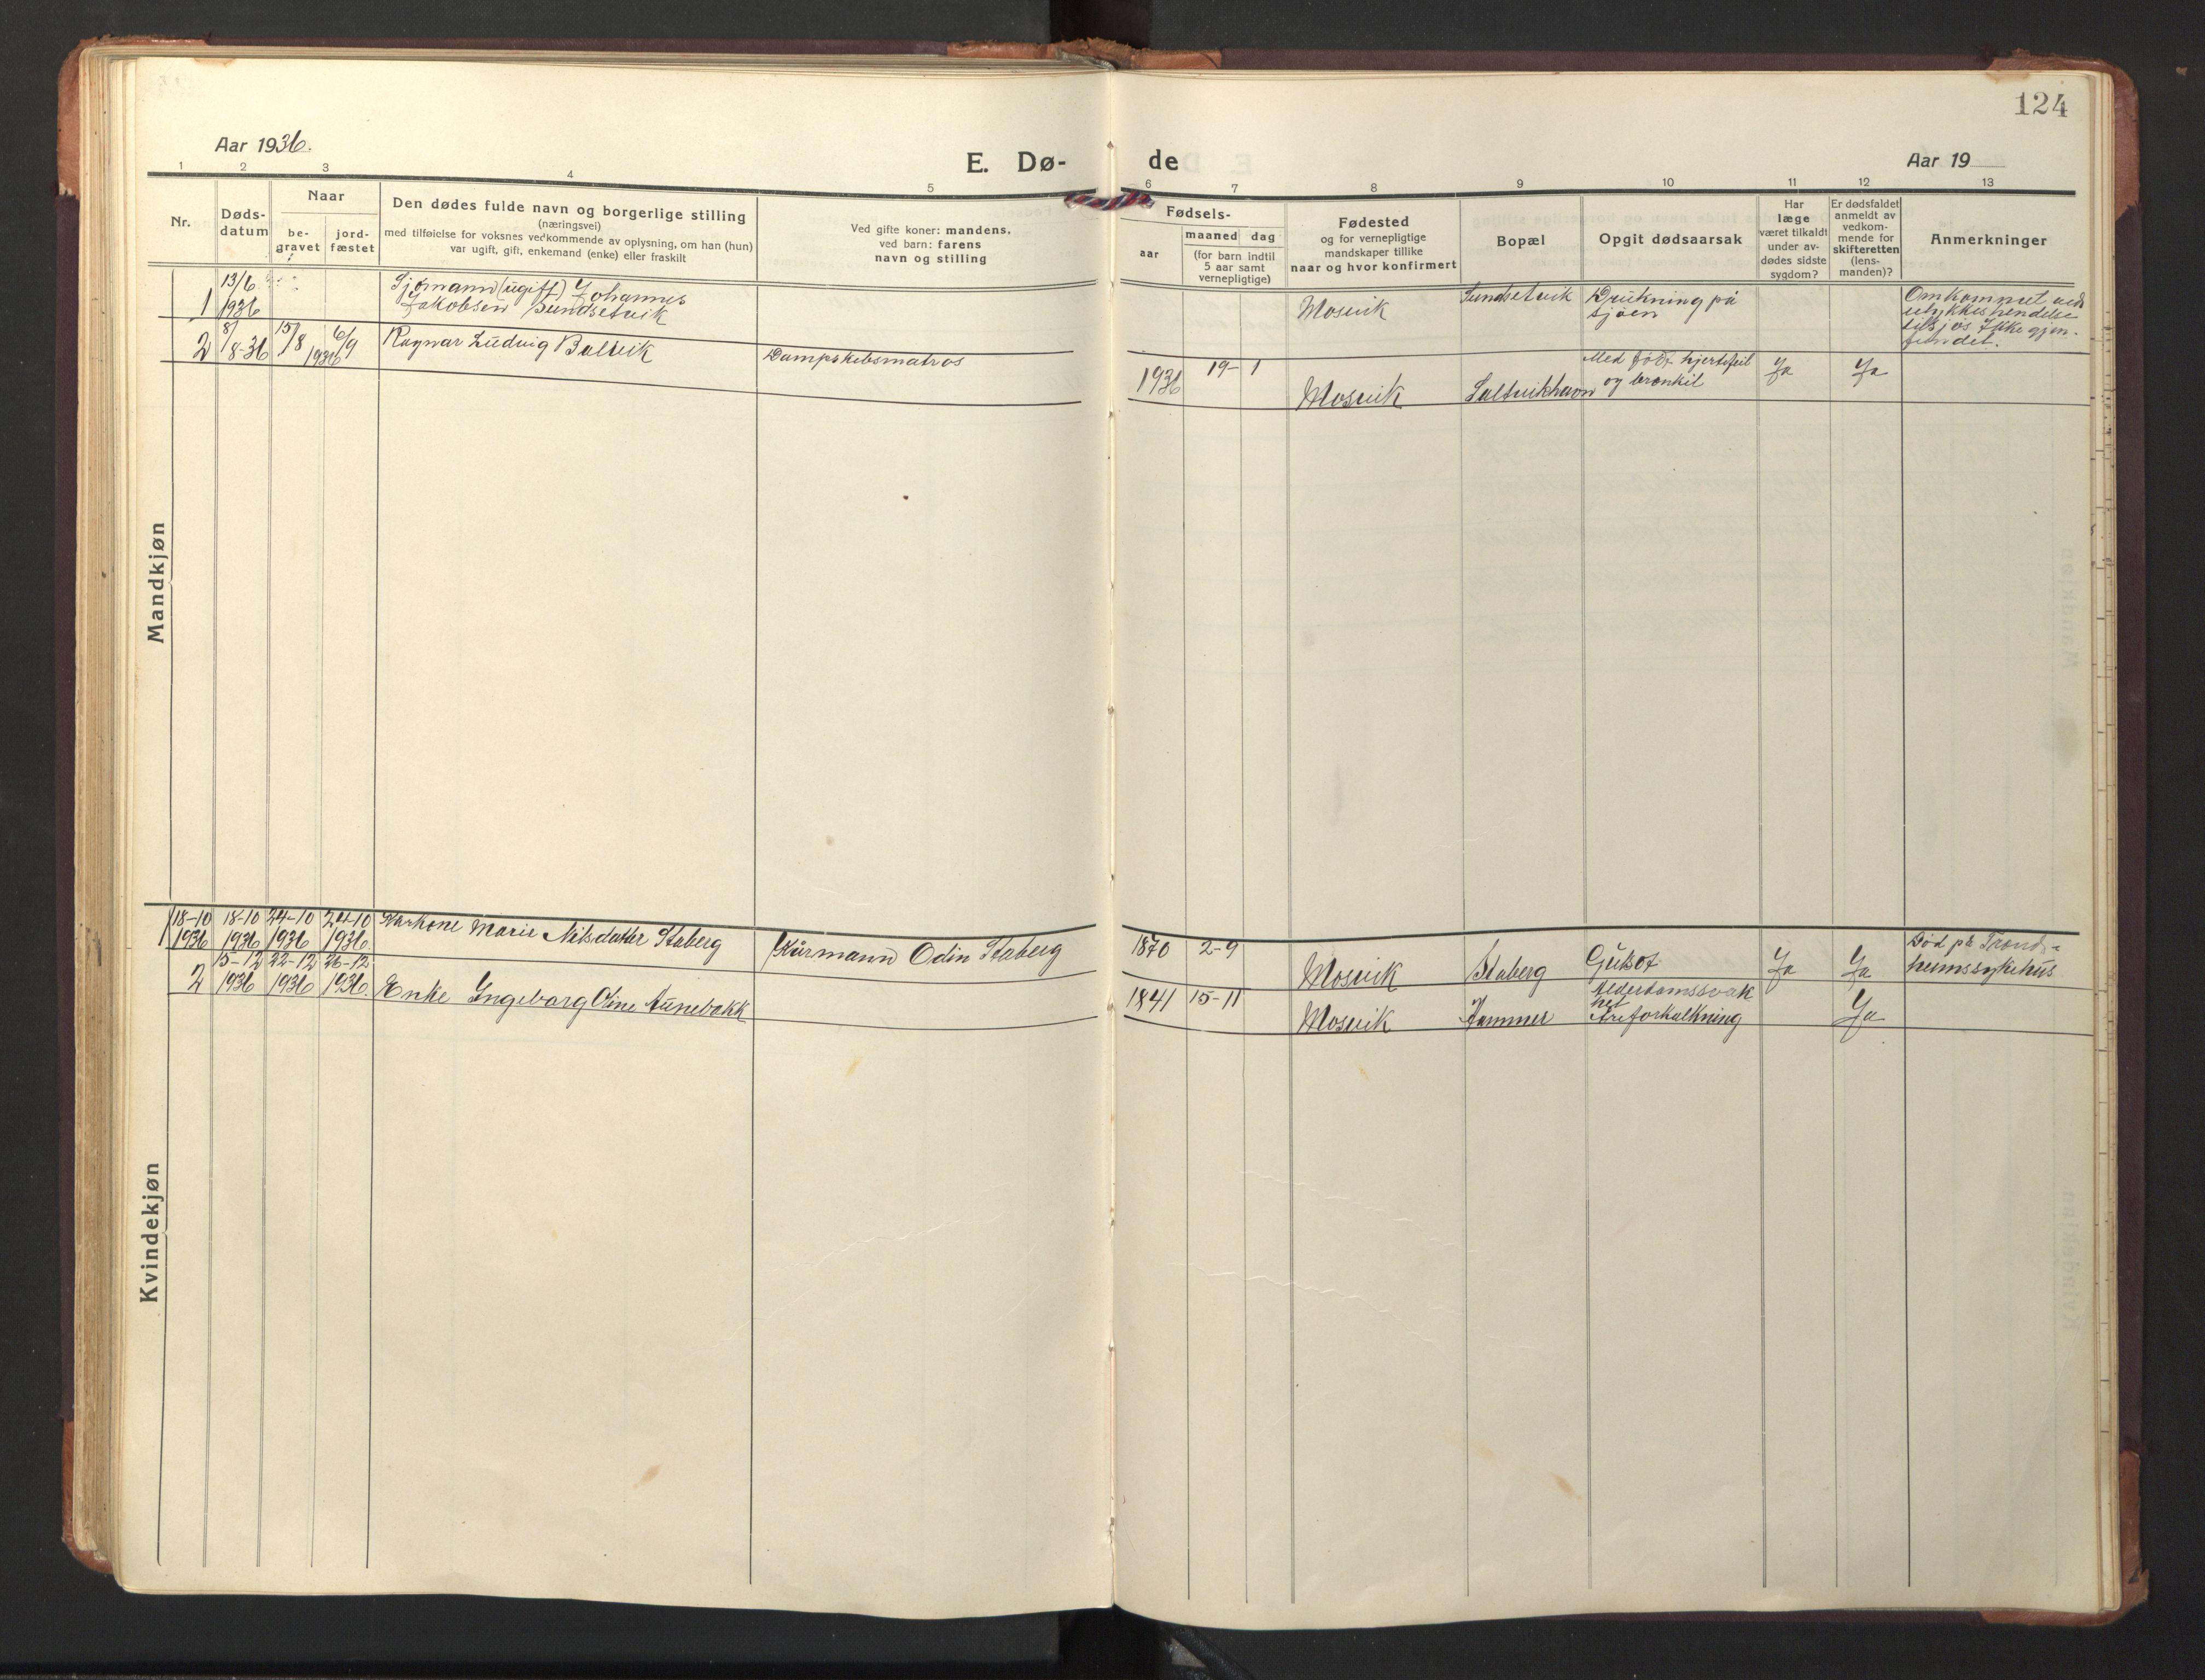 SAT, Ministerialprotokoller, klokkerbøker og fødselsregistre - Nord-Trøndelag, 733/L0328: Klokkerbok nr. 733C03, 1919-1966, s. 124